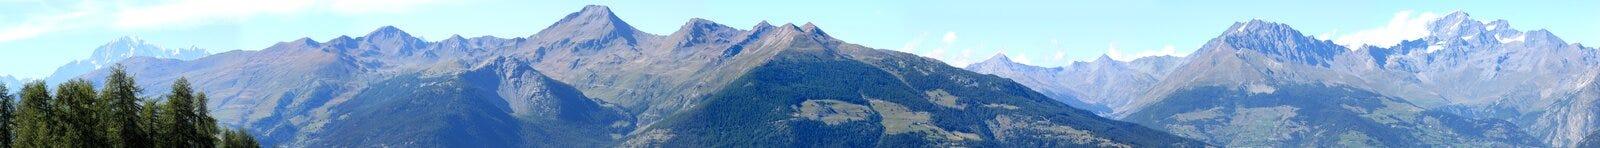 Montagne della sosta nazionale Gran Paradiso, Italia Immagine Stock Libera da Diritti